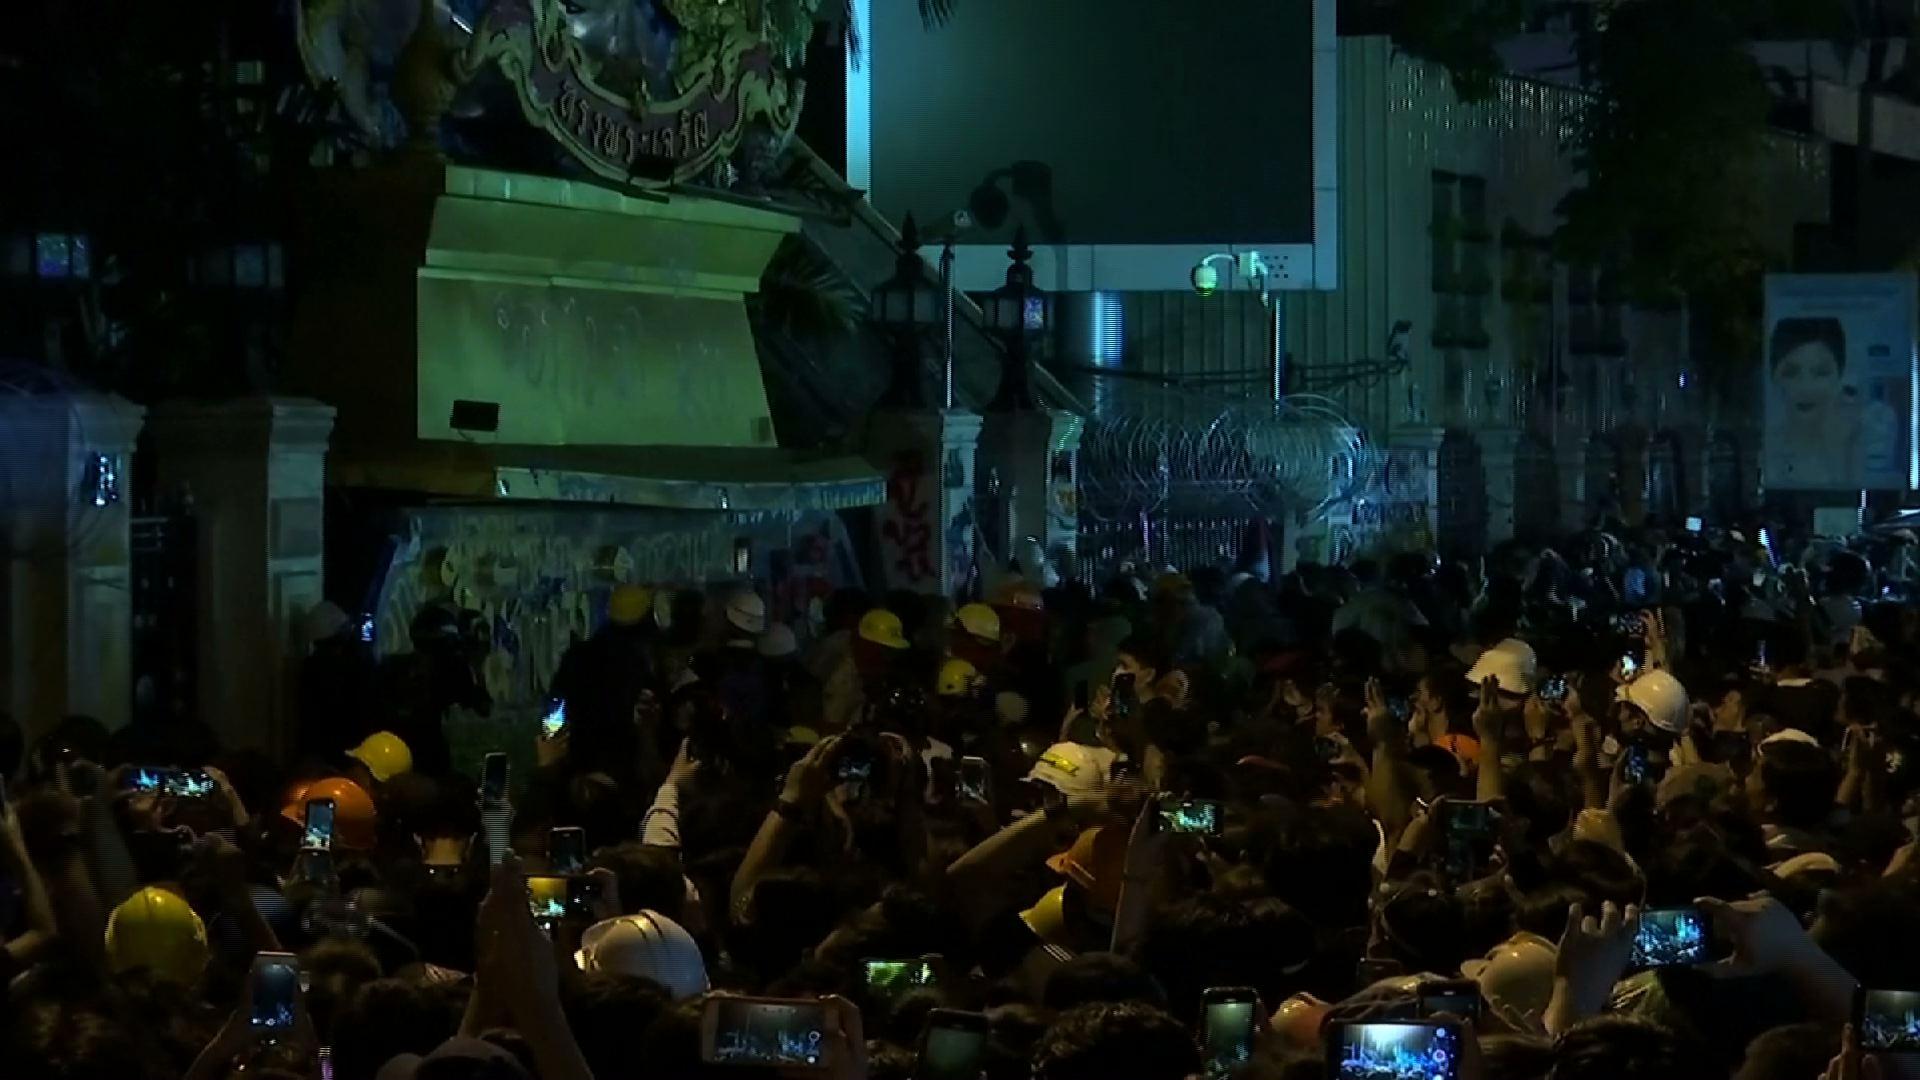 Dân chúng Thái Lan tiếp tục xuống đường biểu tình, bất chấp tình trạng bạo lực